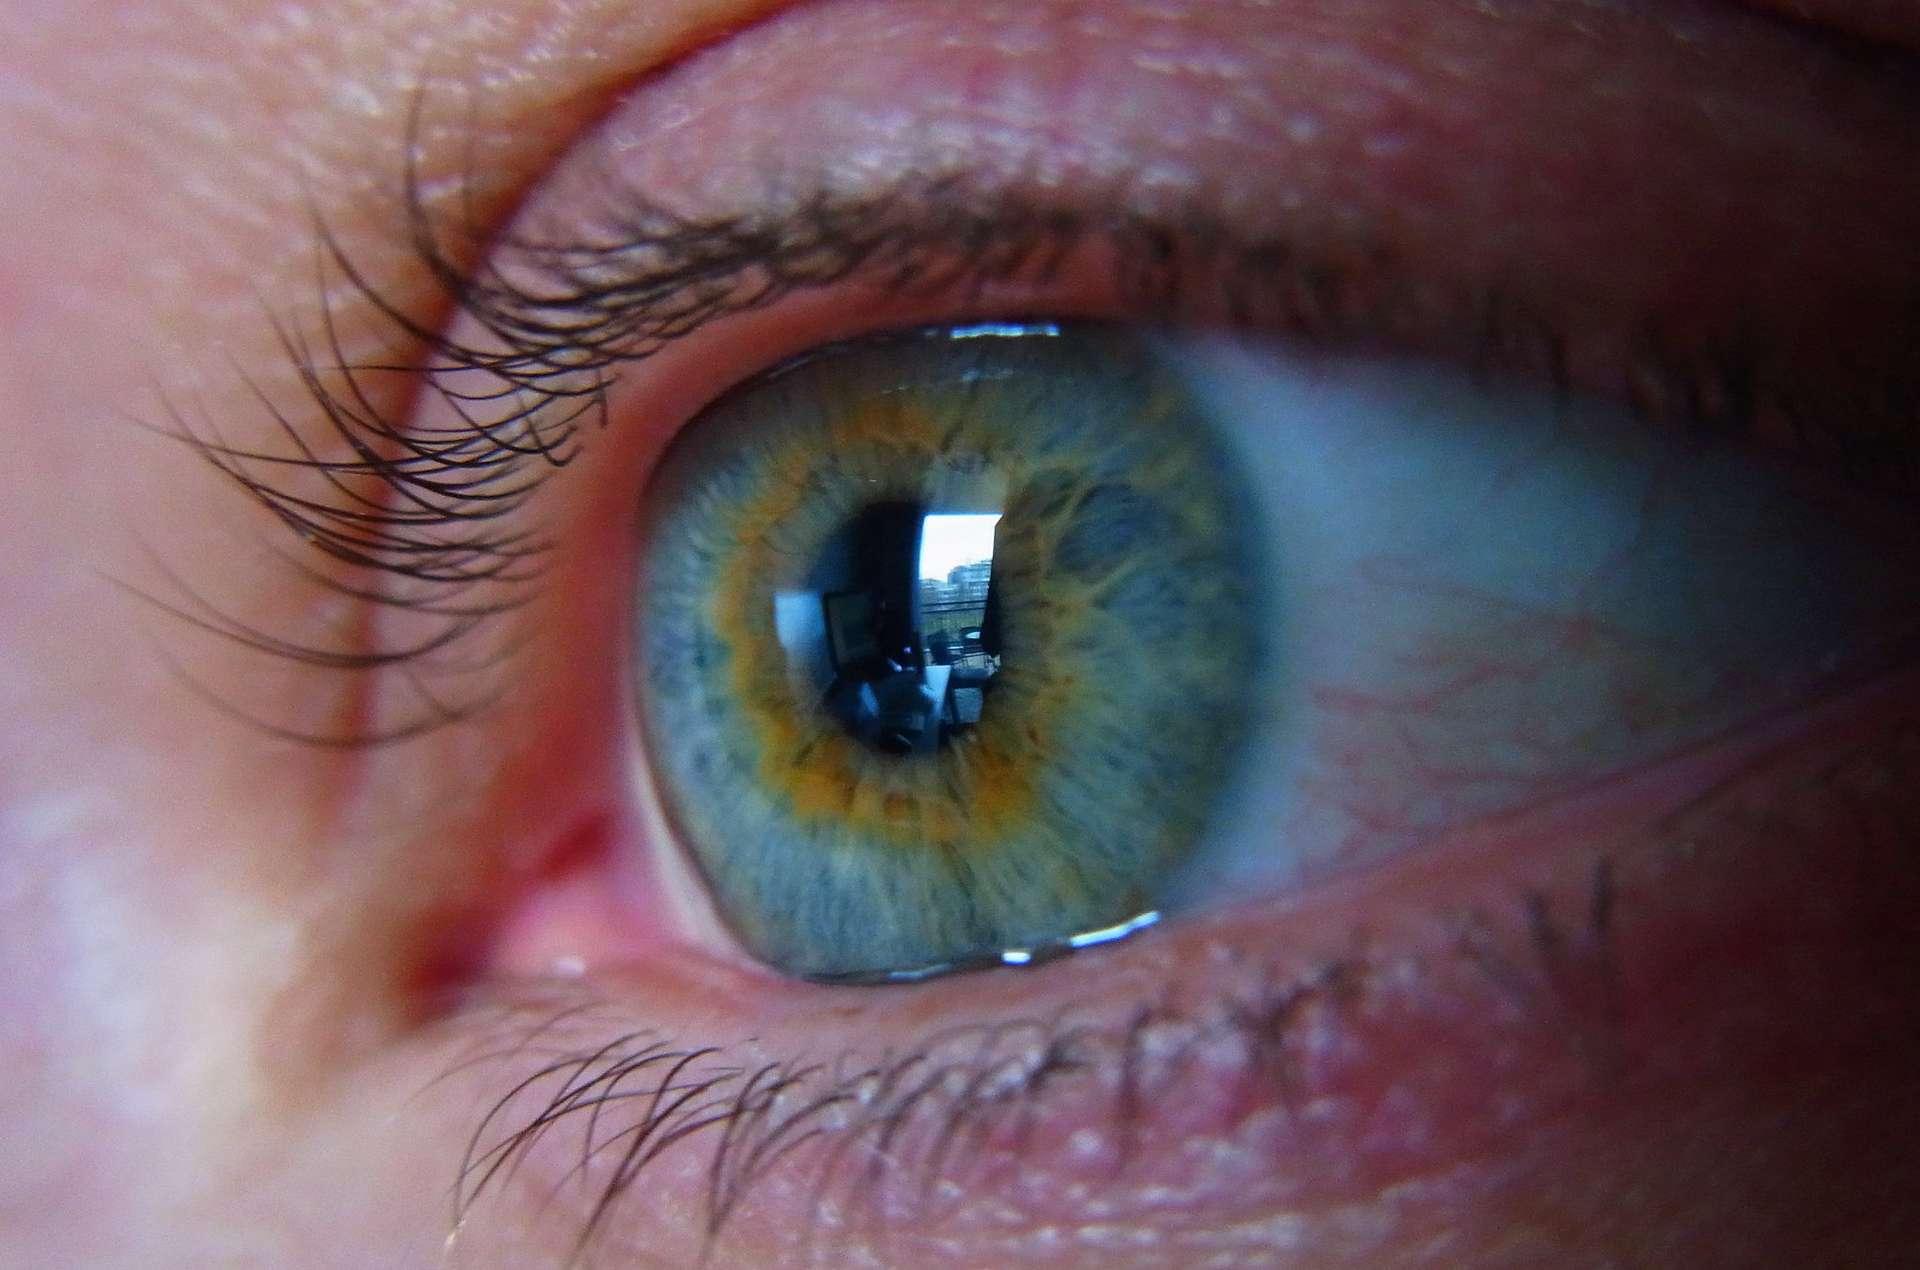 Un fan piste son idole en lisant dans ses yeux. © Gordon Wrigley, Flickr